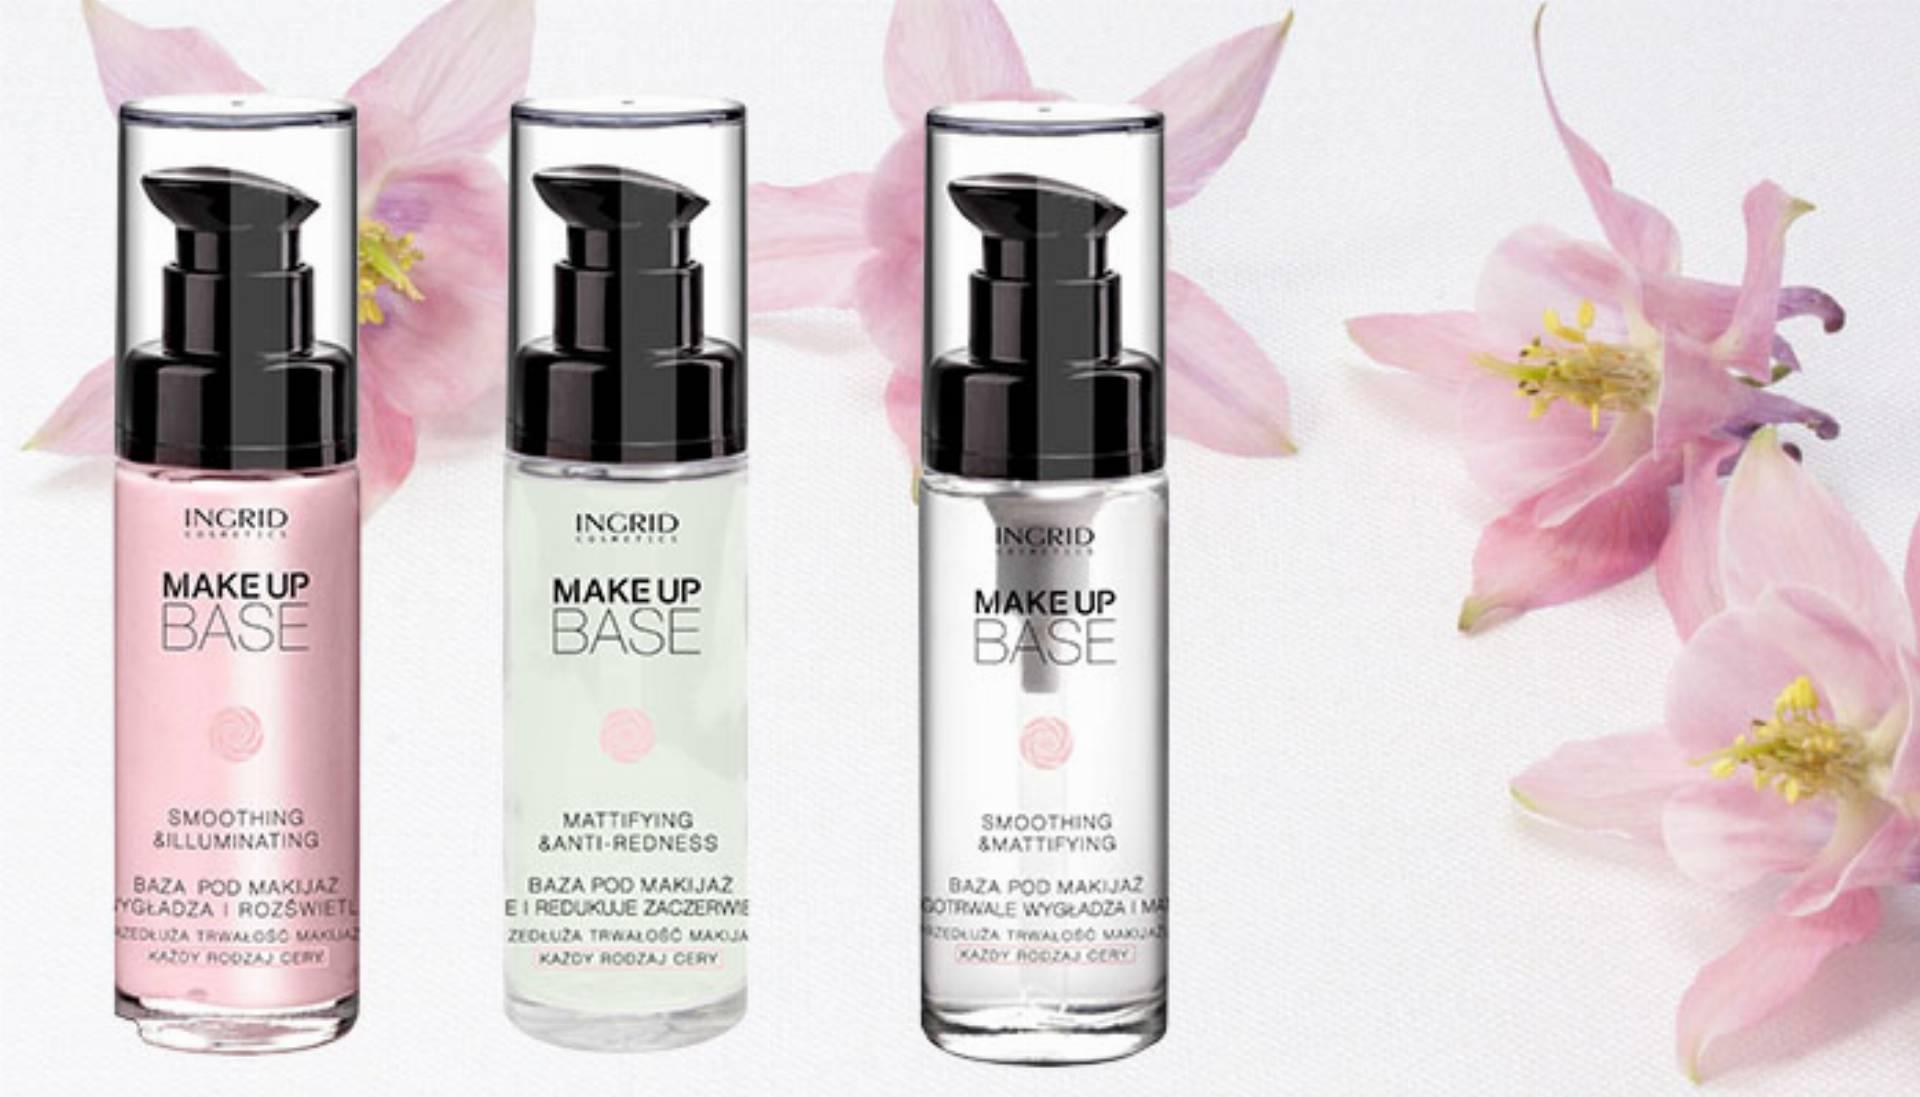 Bazy pod makijaż od INGRID Cosmetics